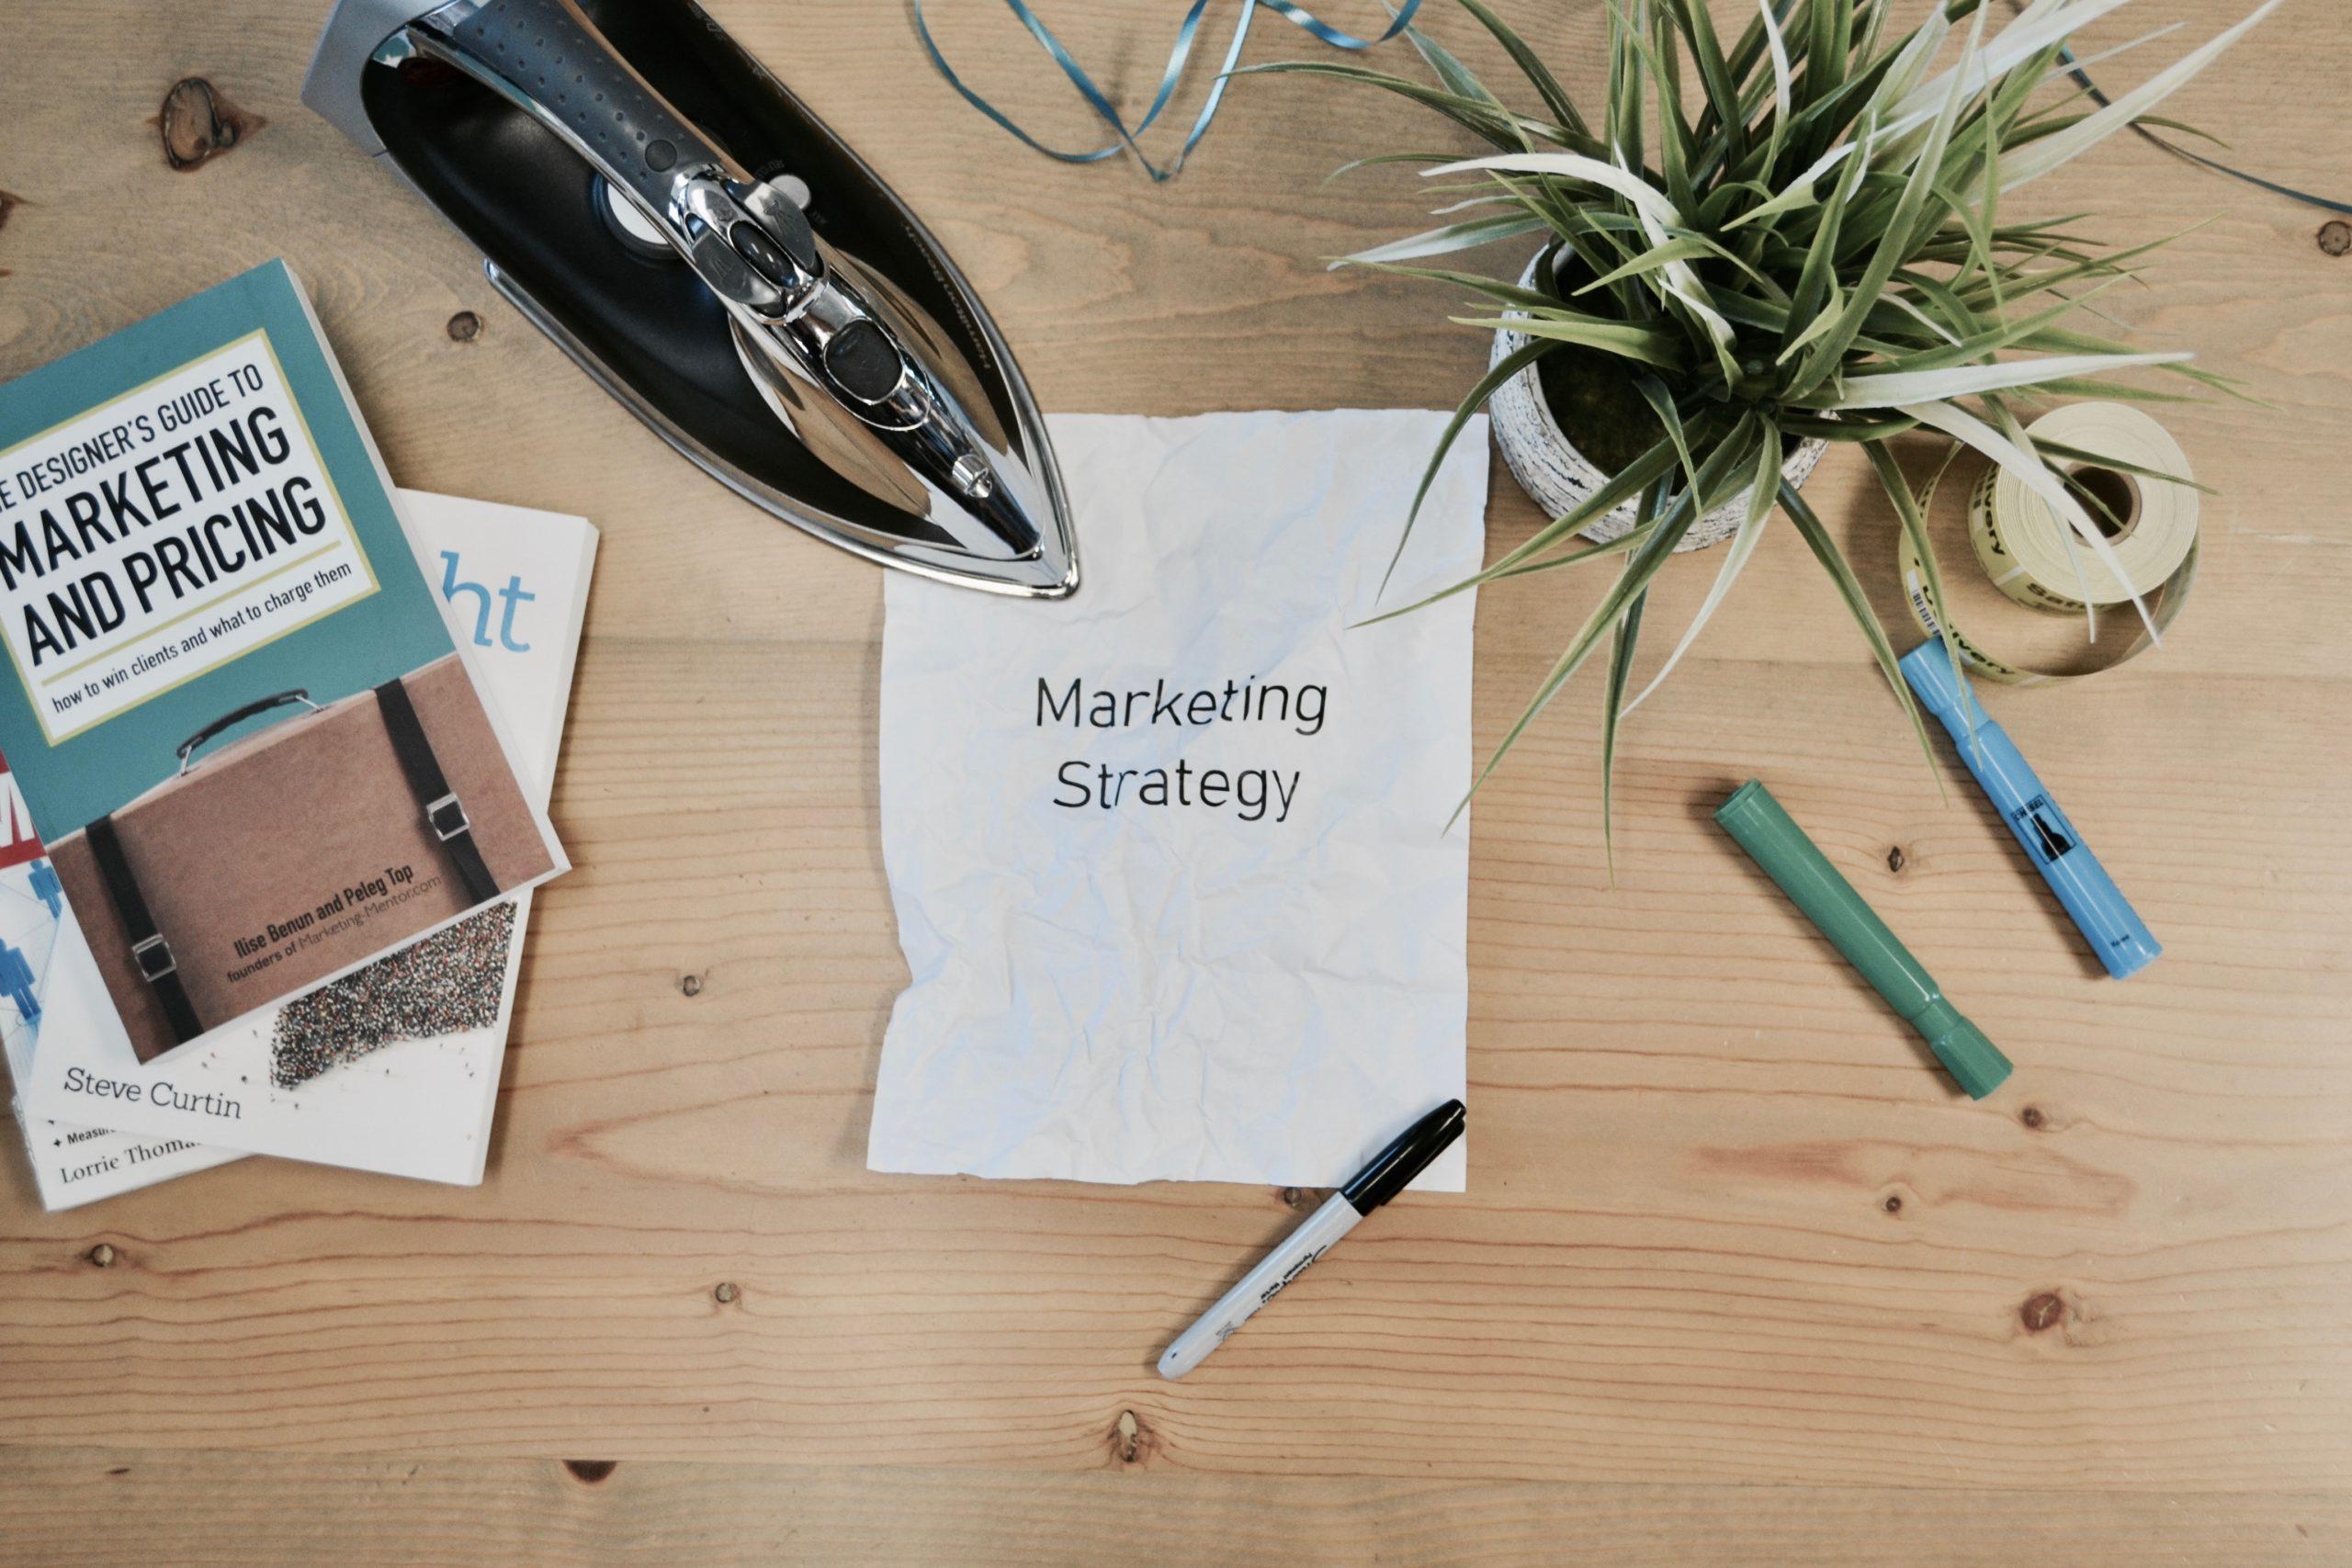 【おばあちゃんでも分かる】マーケティング戦略のフレームワークとは?